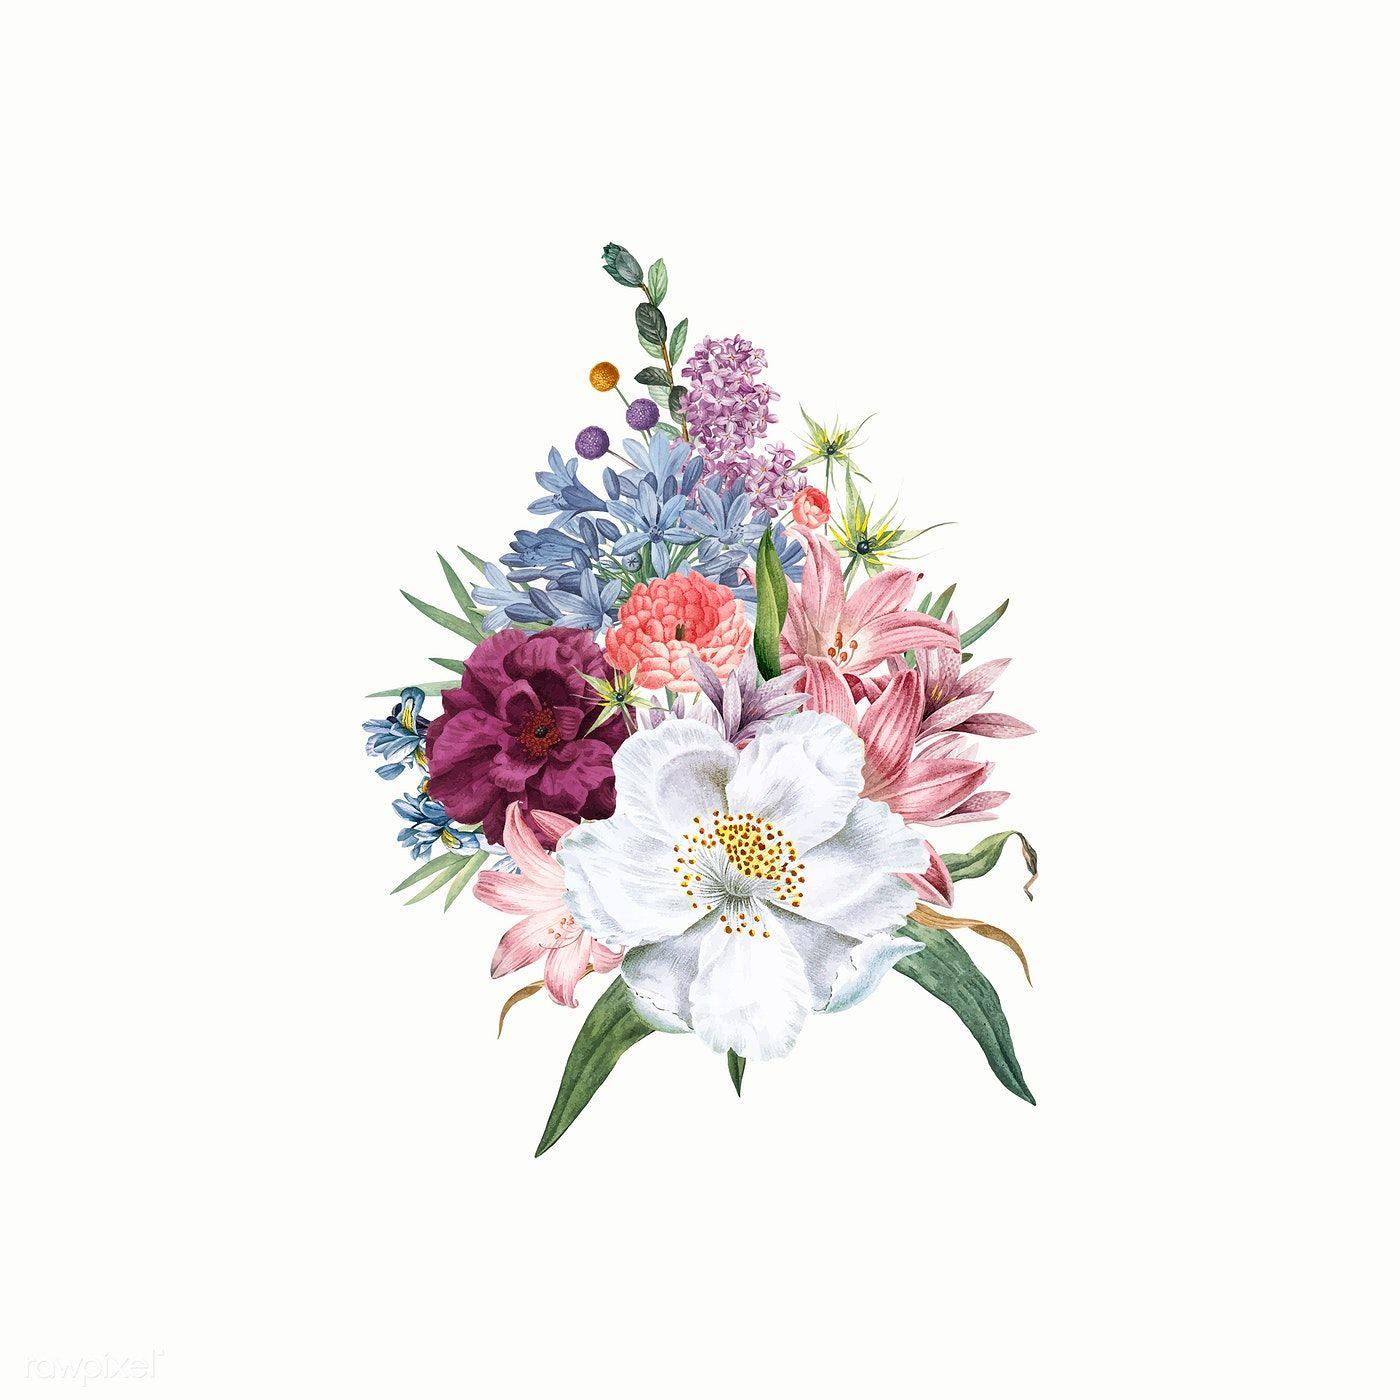 Vintage blooming jasmine flower vector free image by